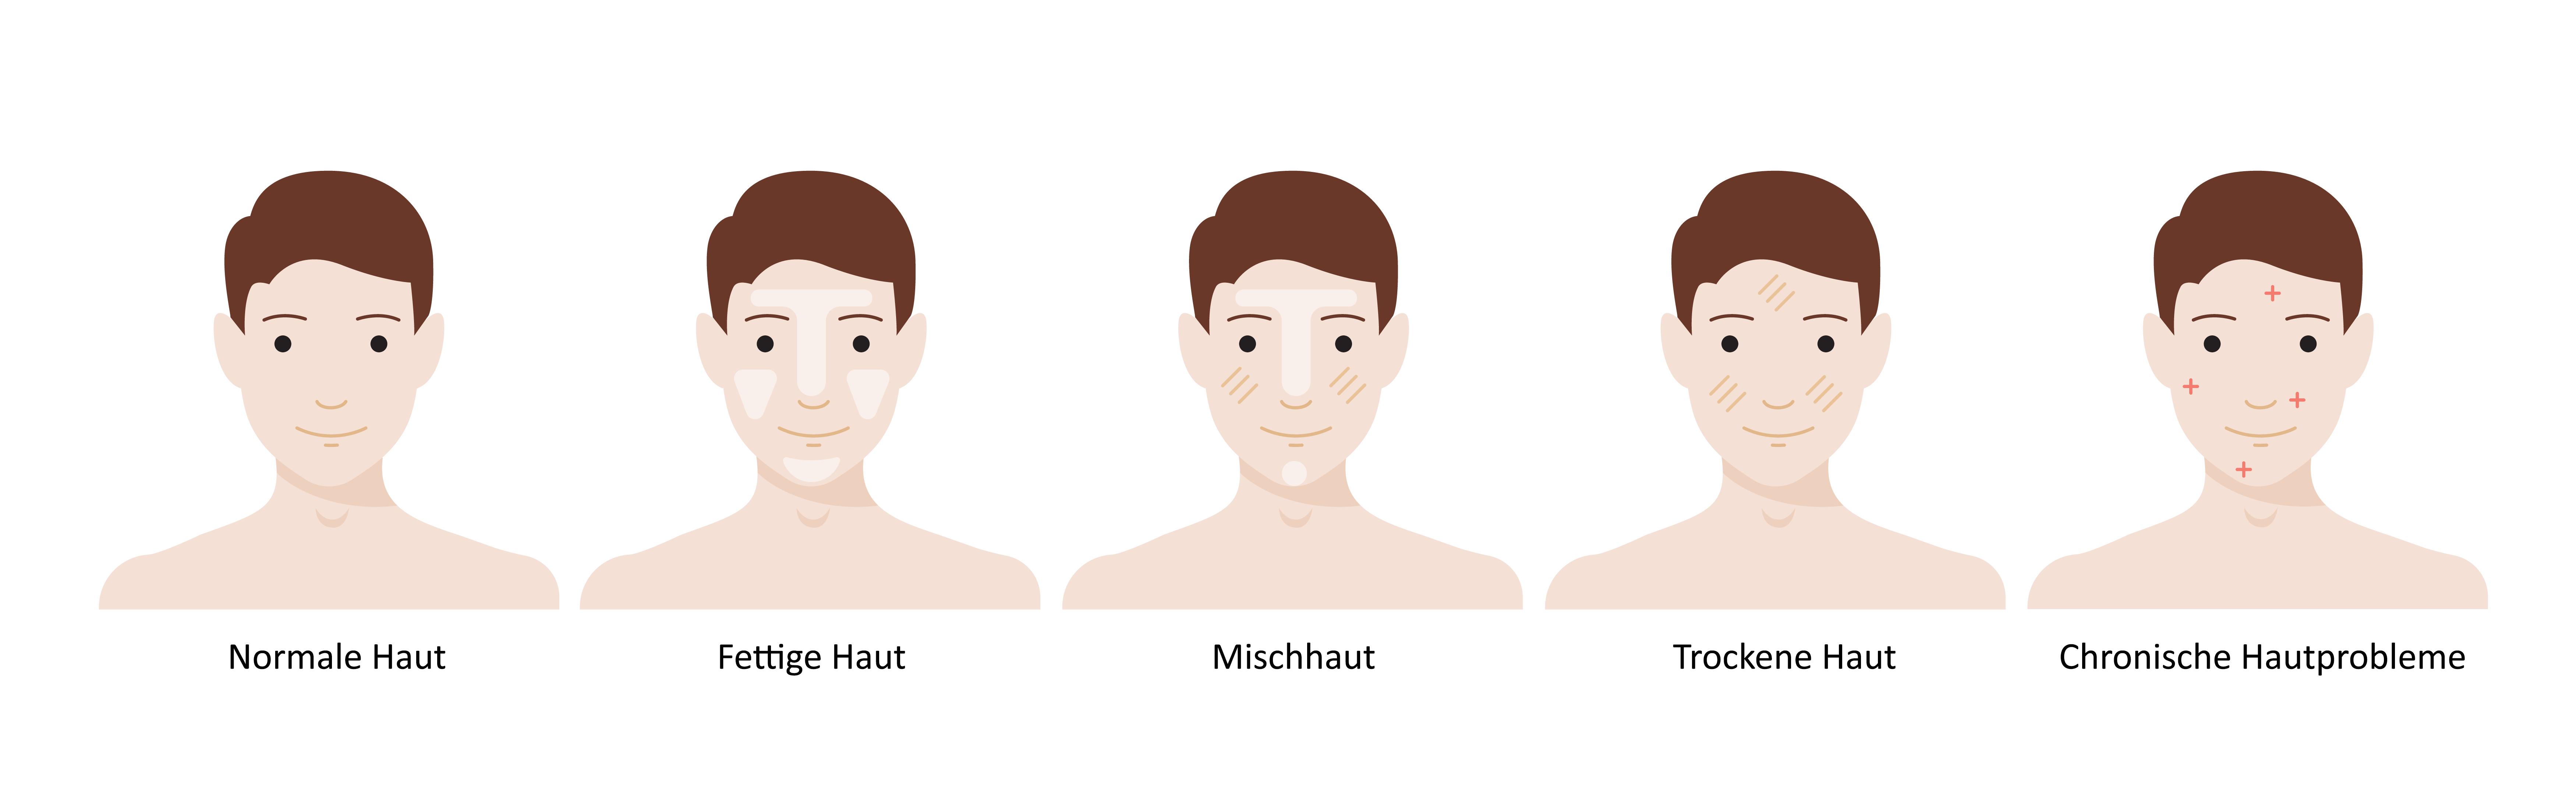 Hauttypen - Bild: Wolfenstein.EU